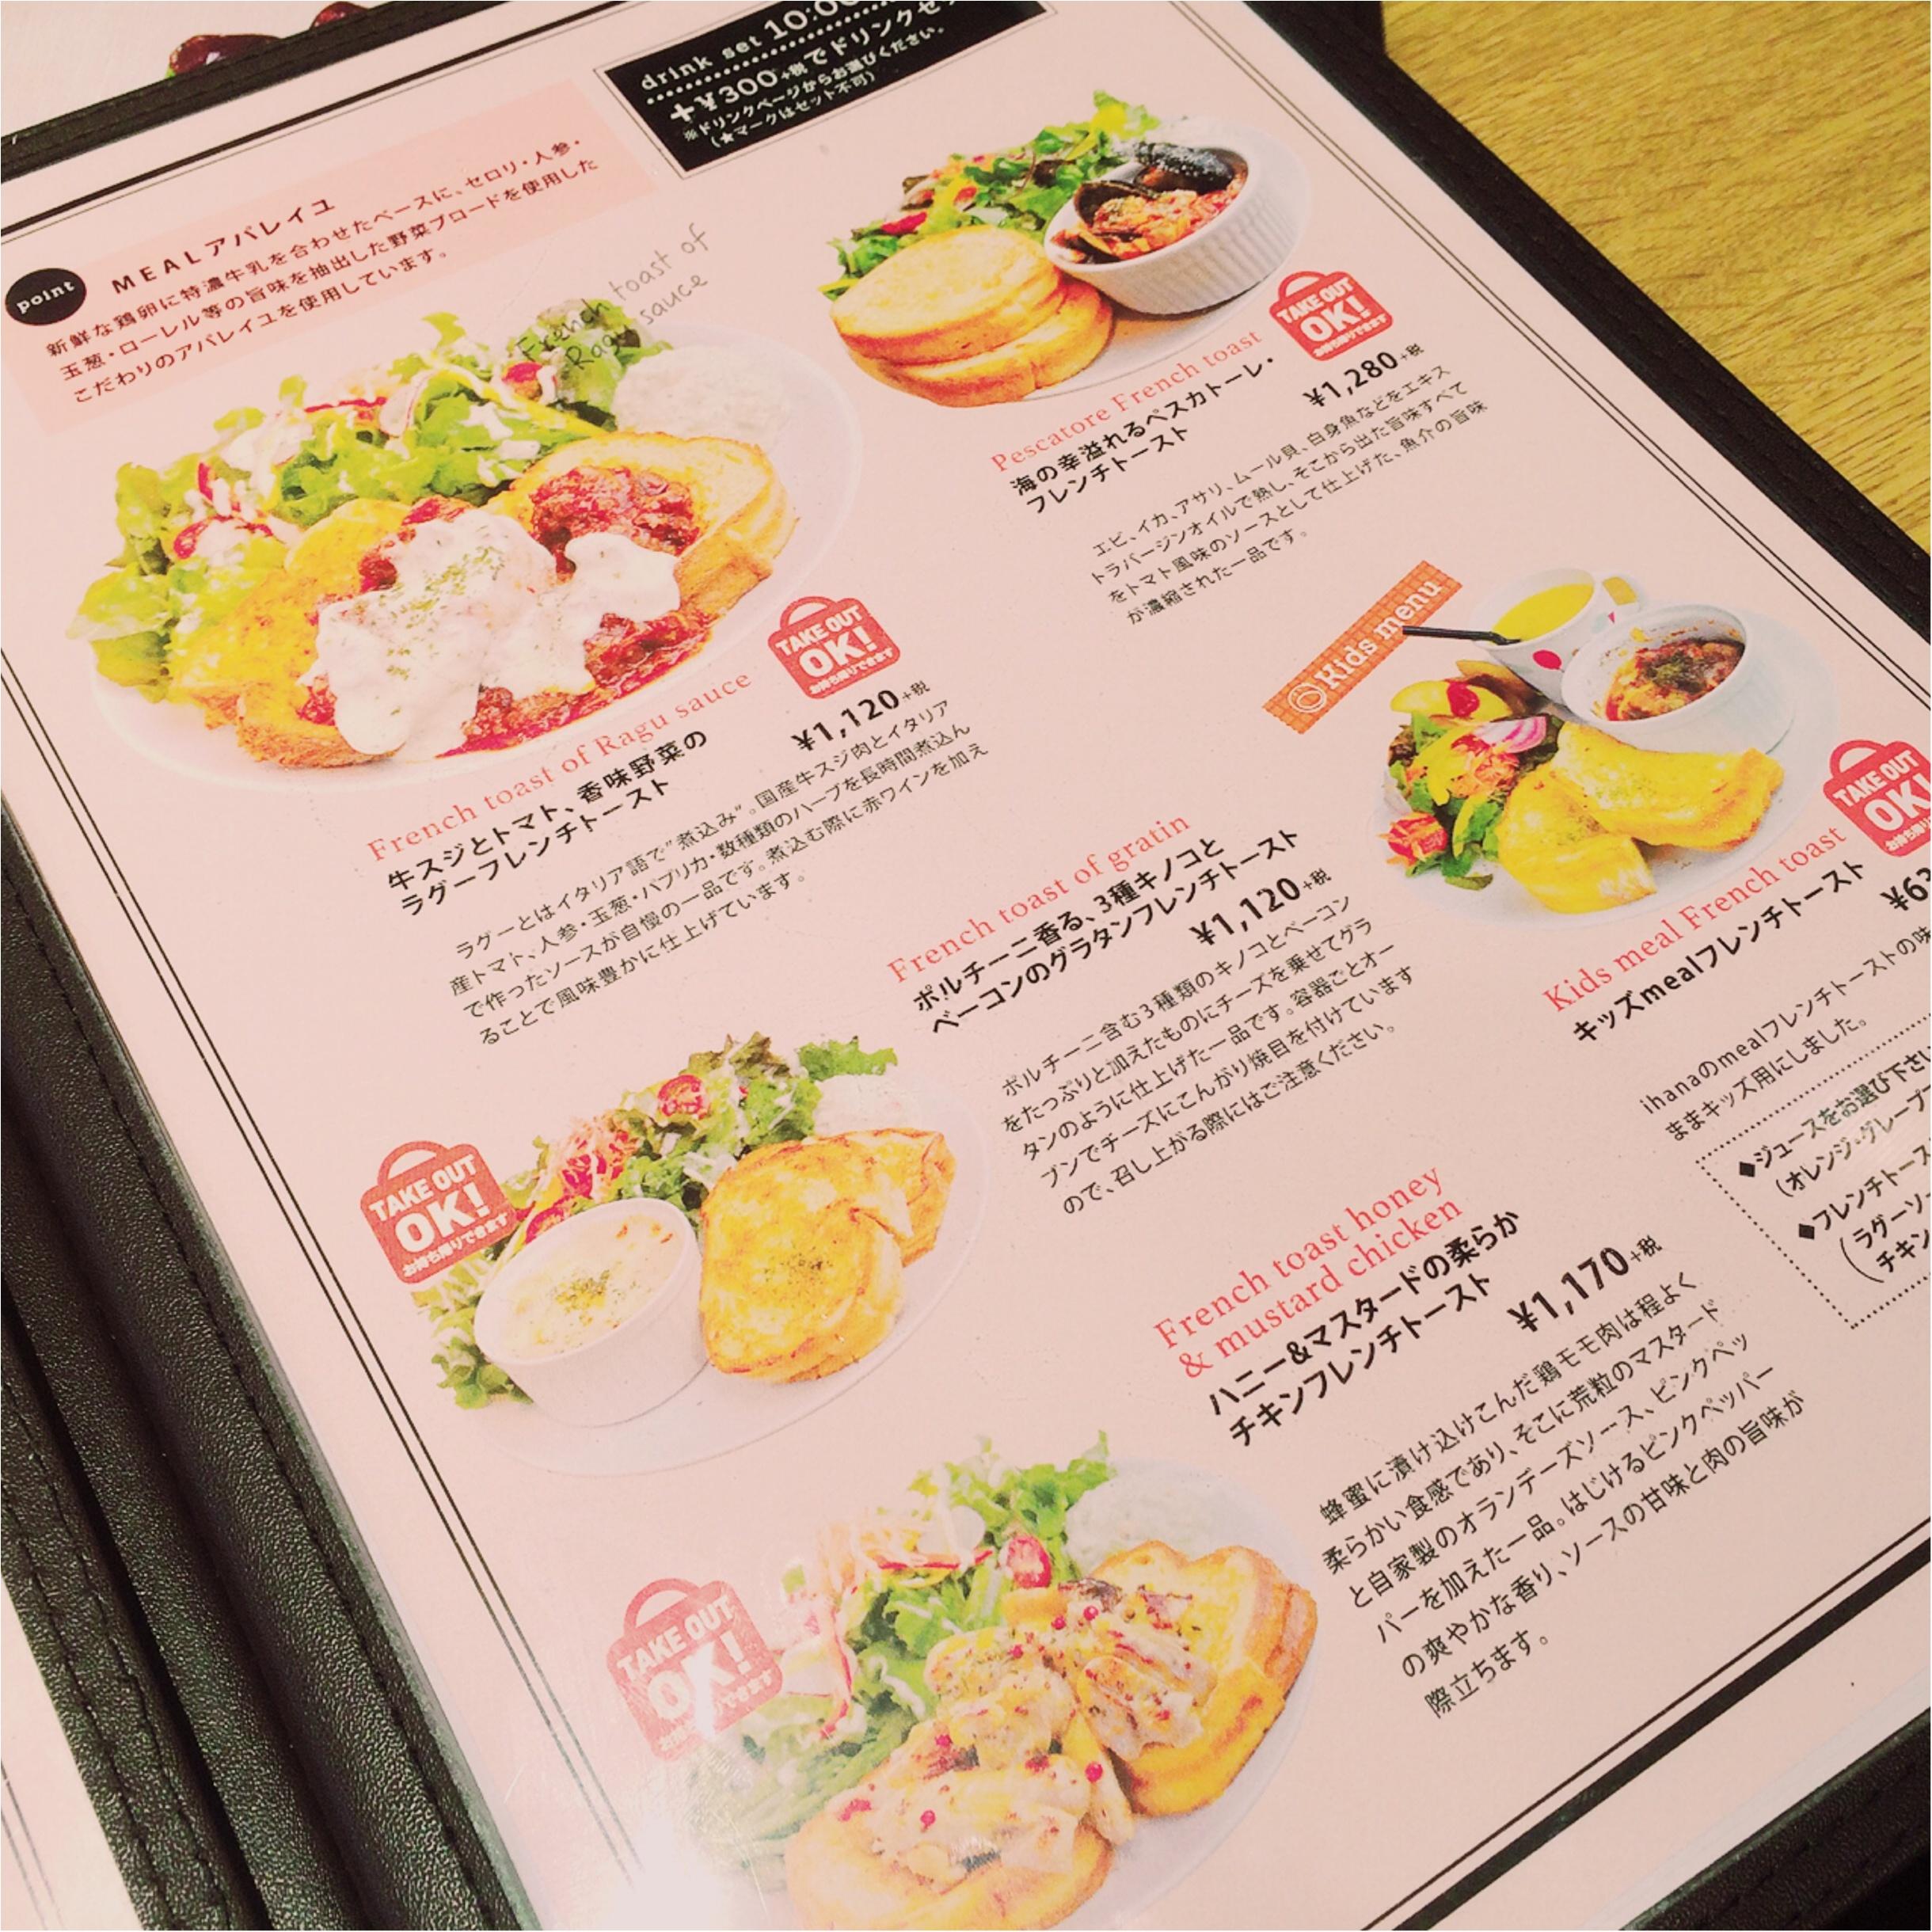 ★読めば絶対食べたくなる♡名古屋に来たら迷わず寄って欲しい、フレンチトースト専門店★_11